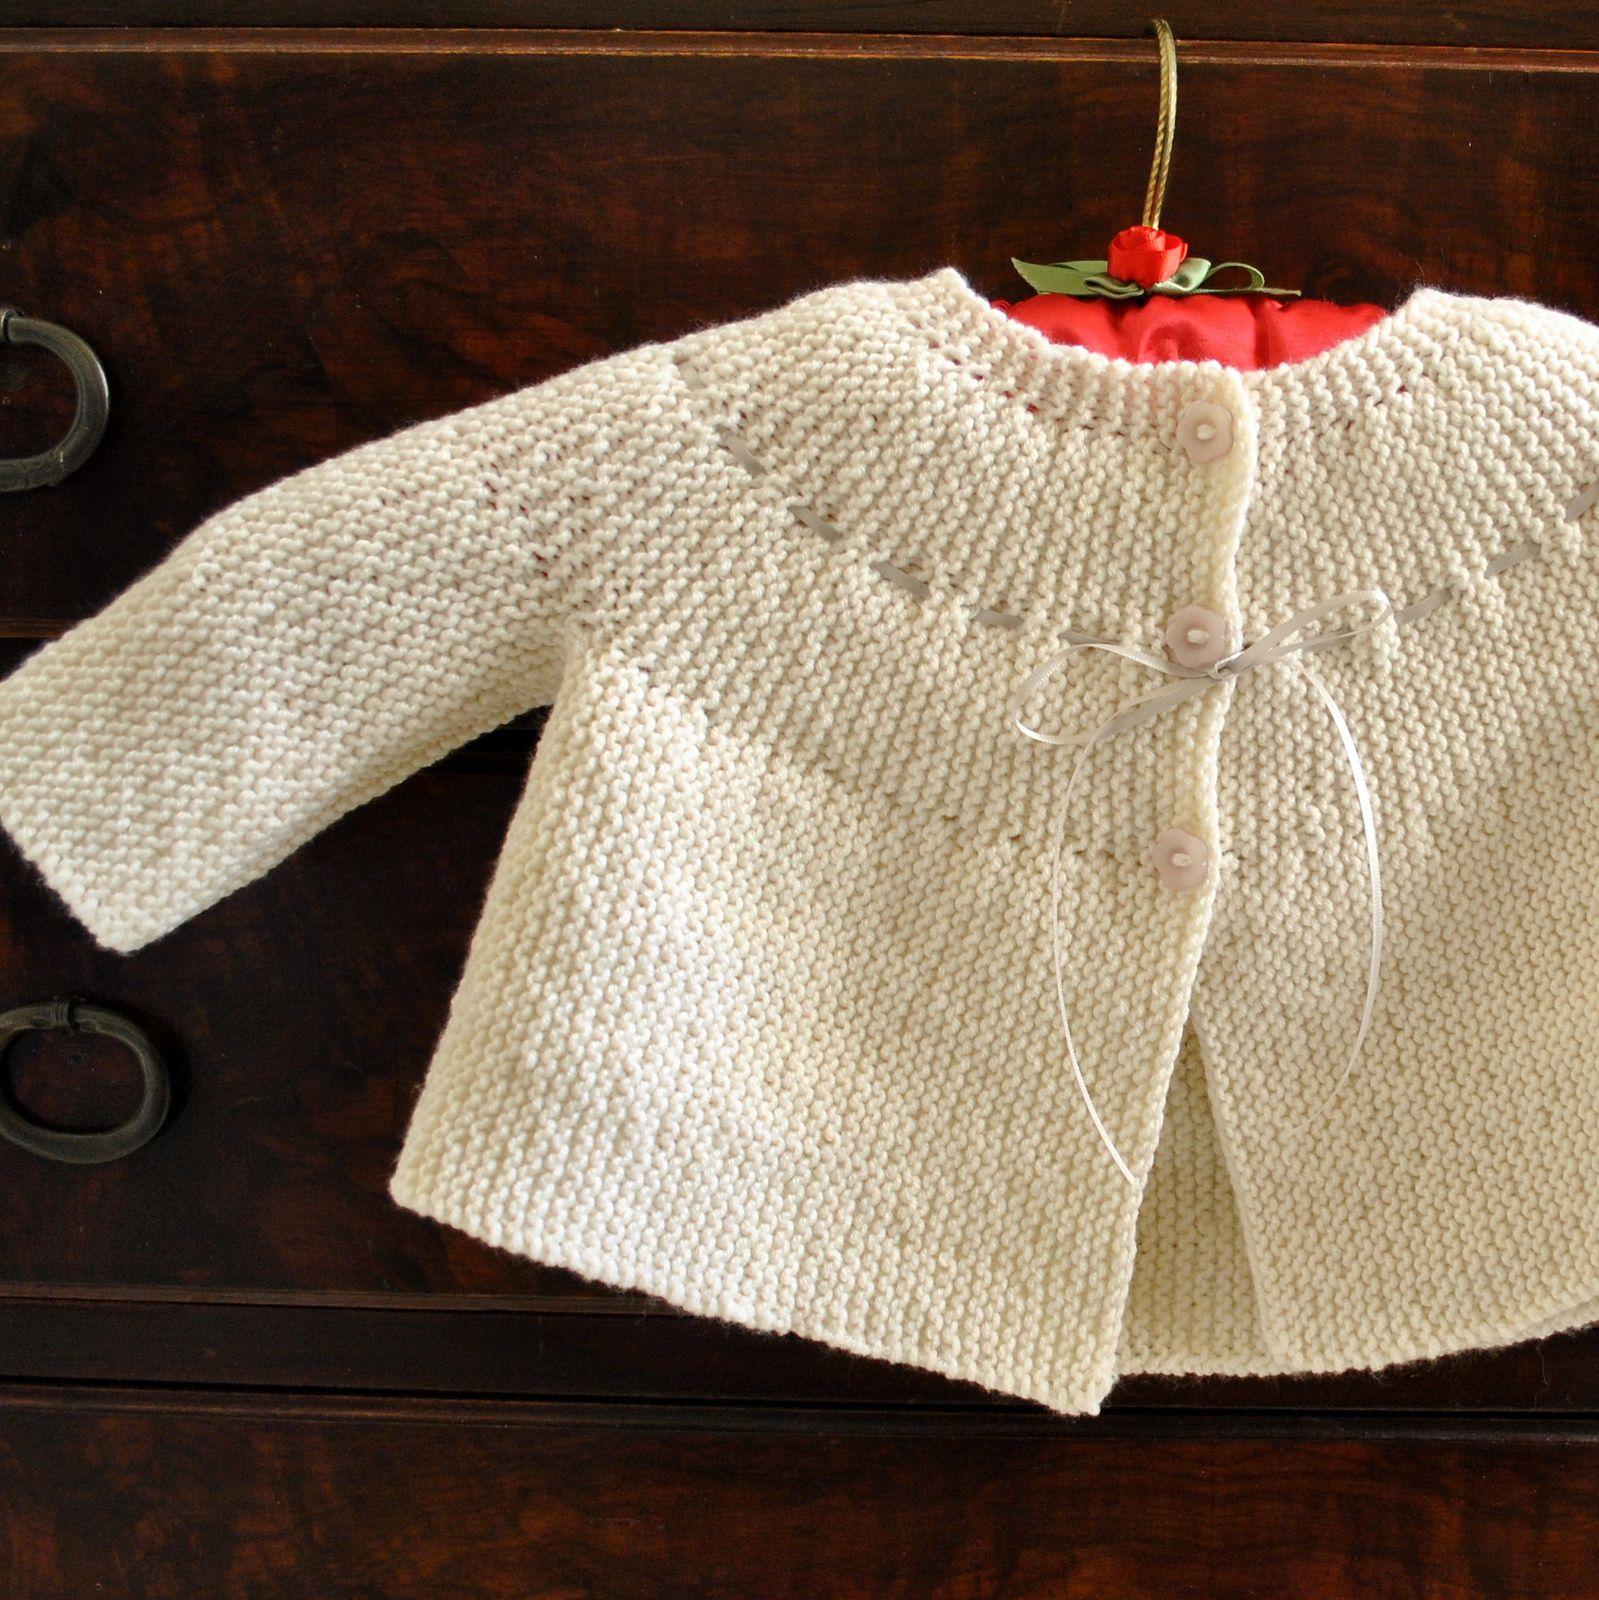 062d09903410 Garter Stitch Jacket pattern by Debbie Bliss